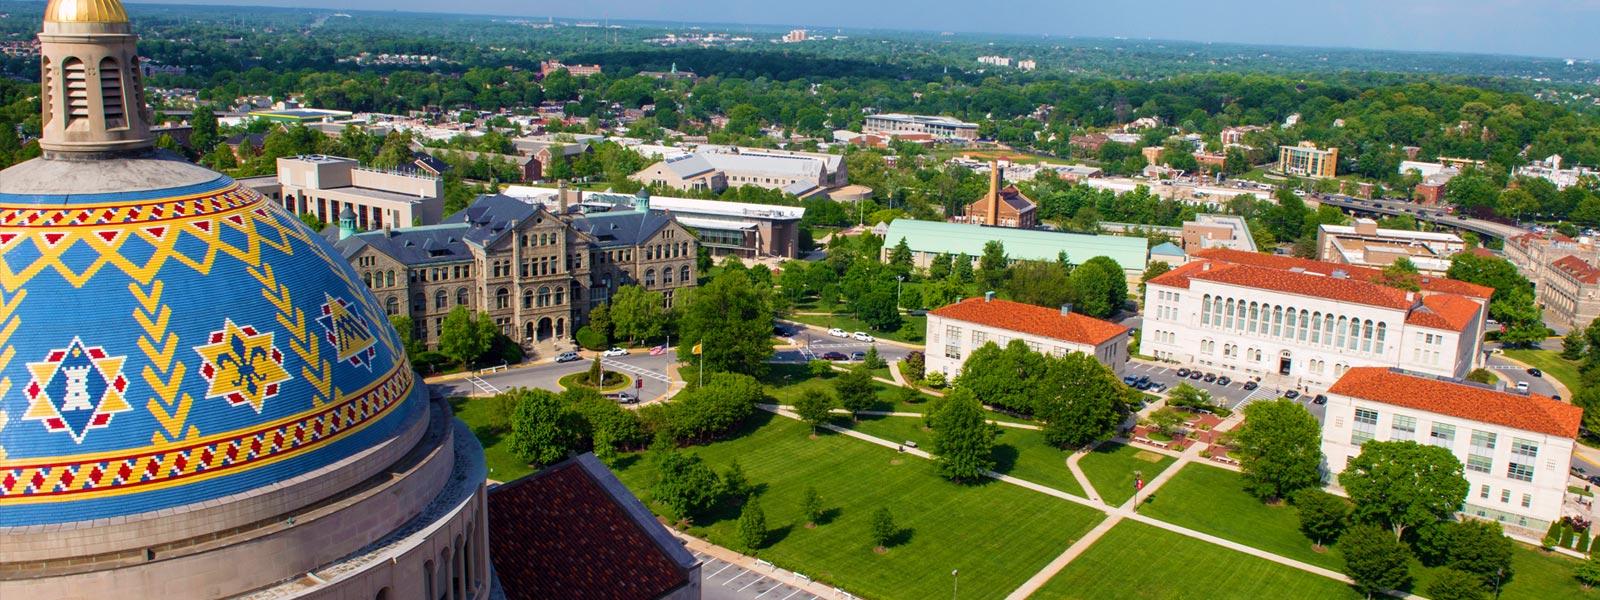 Image result for catholic university